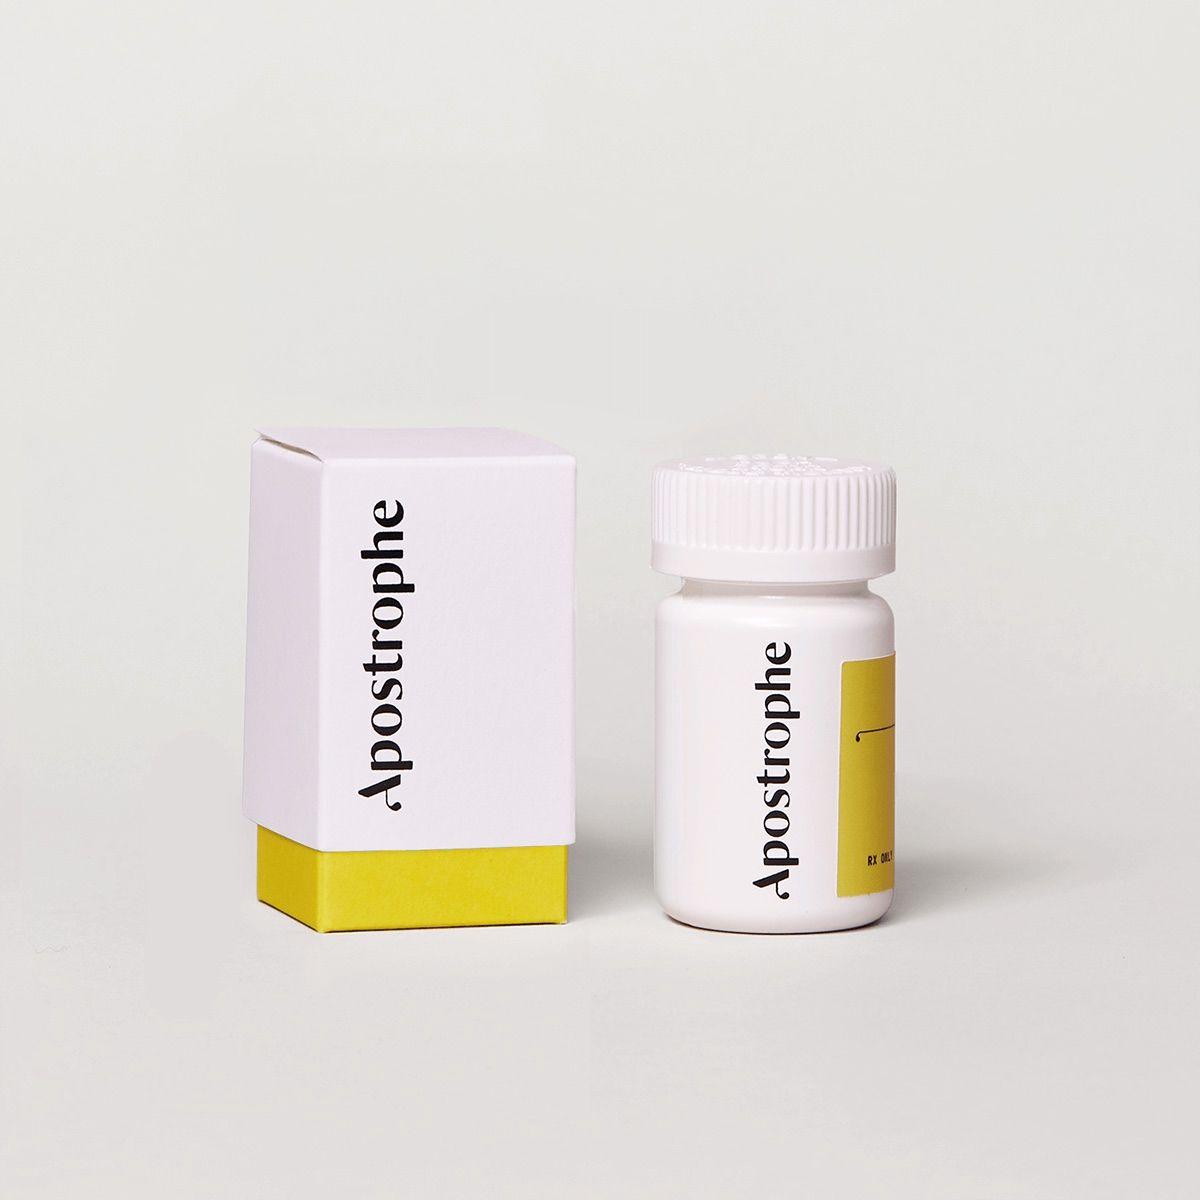 prescription doxycycline online